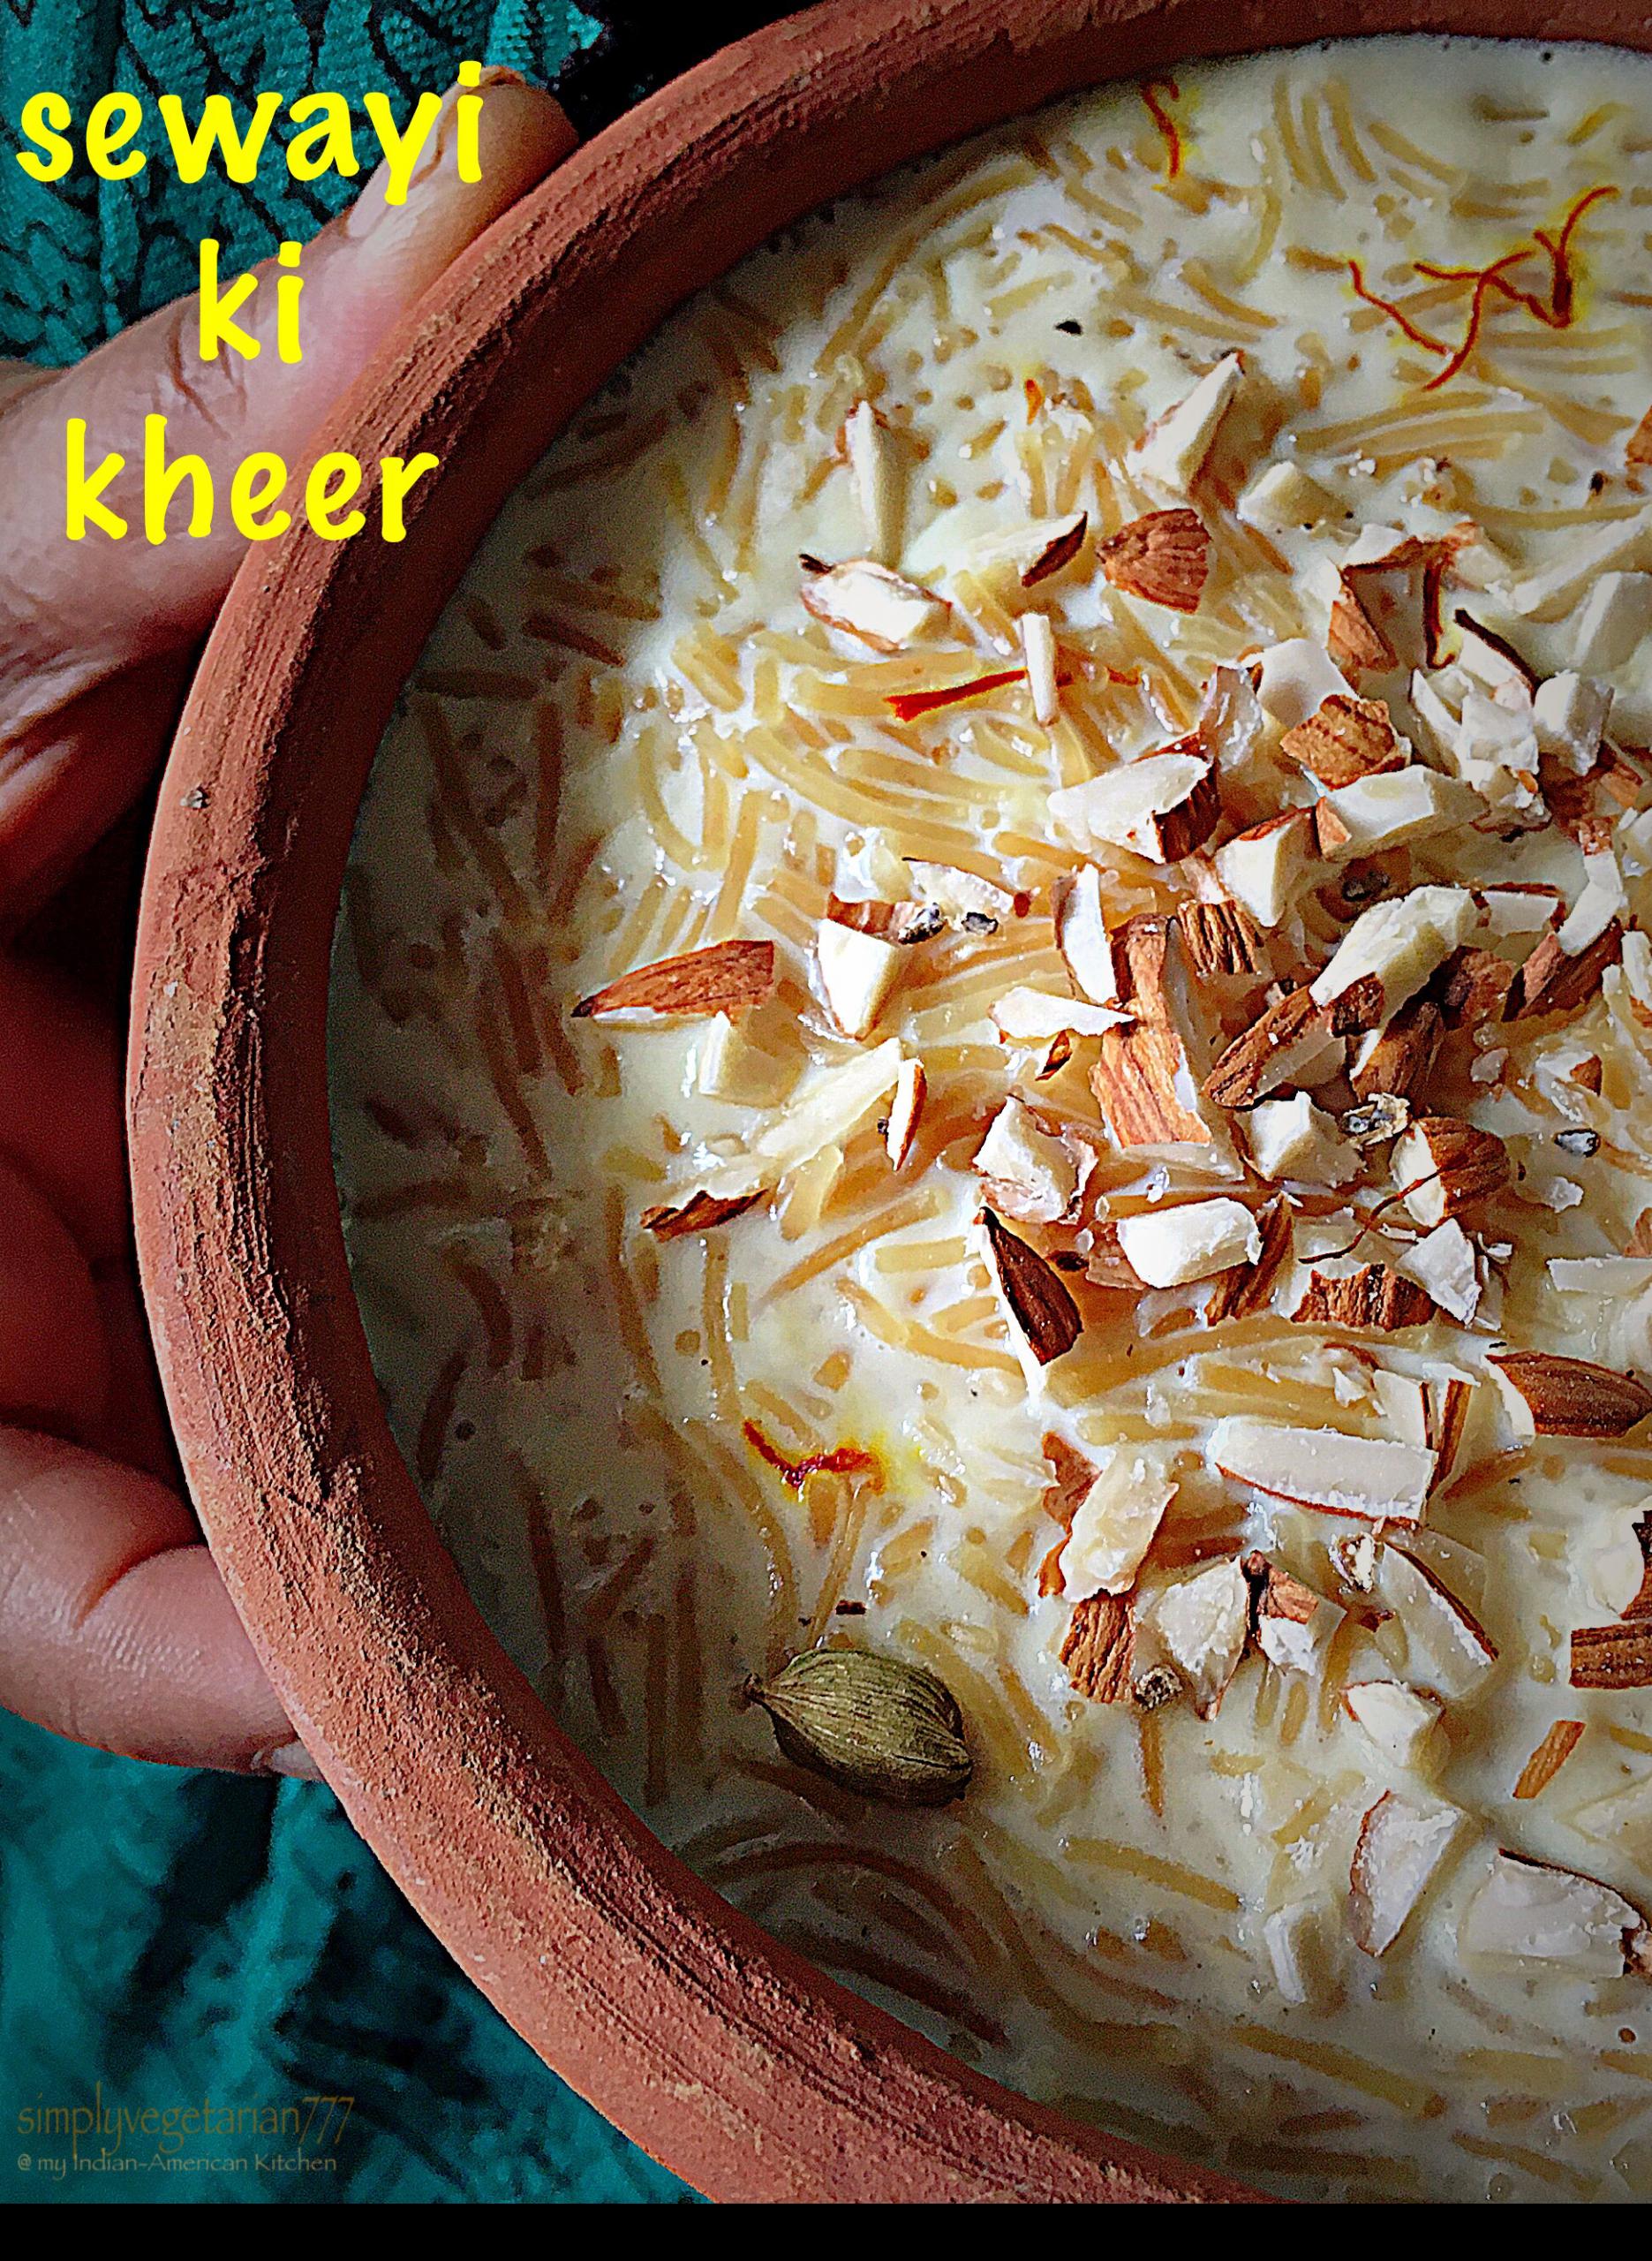 Sewayi ki Kheer (Vermicelli Pudding)